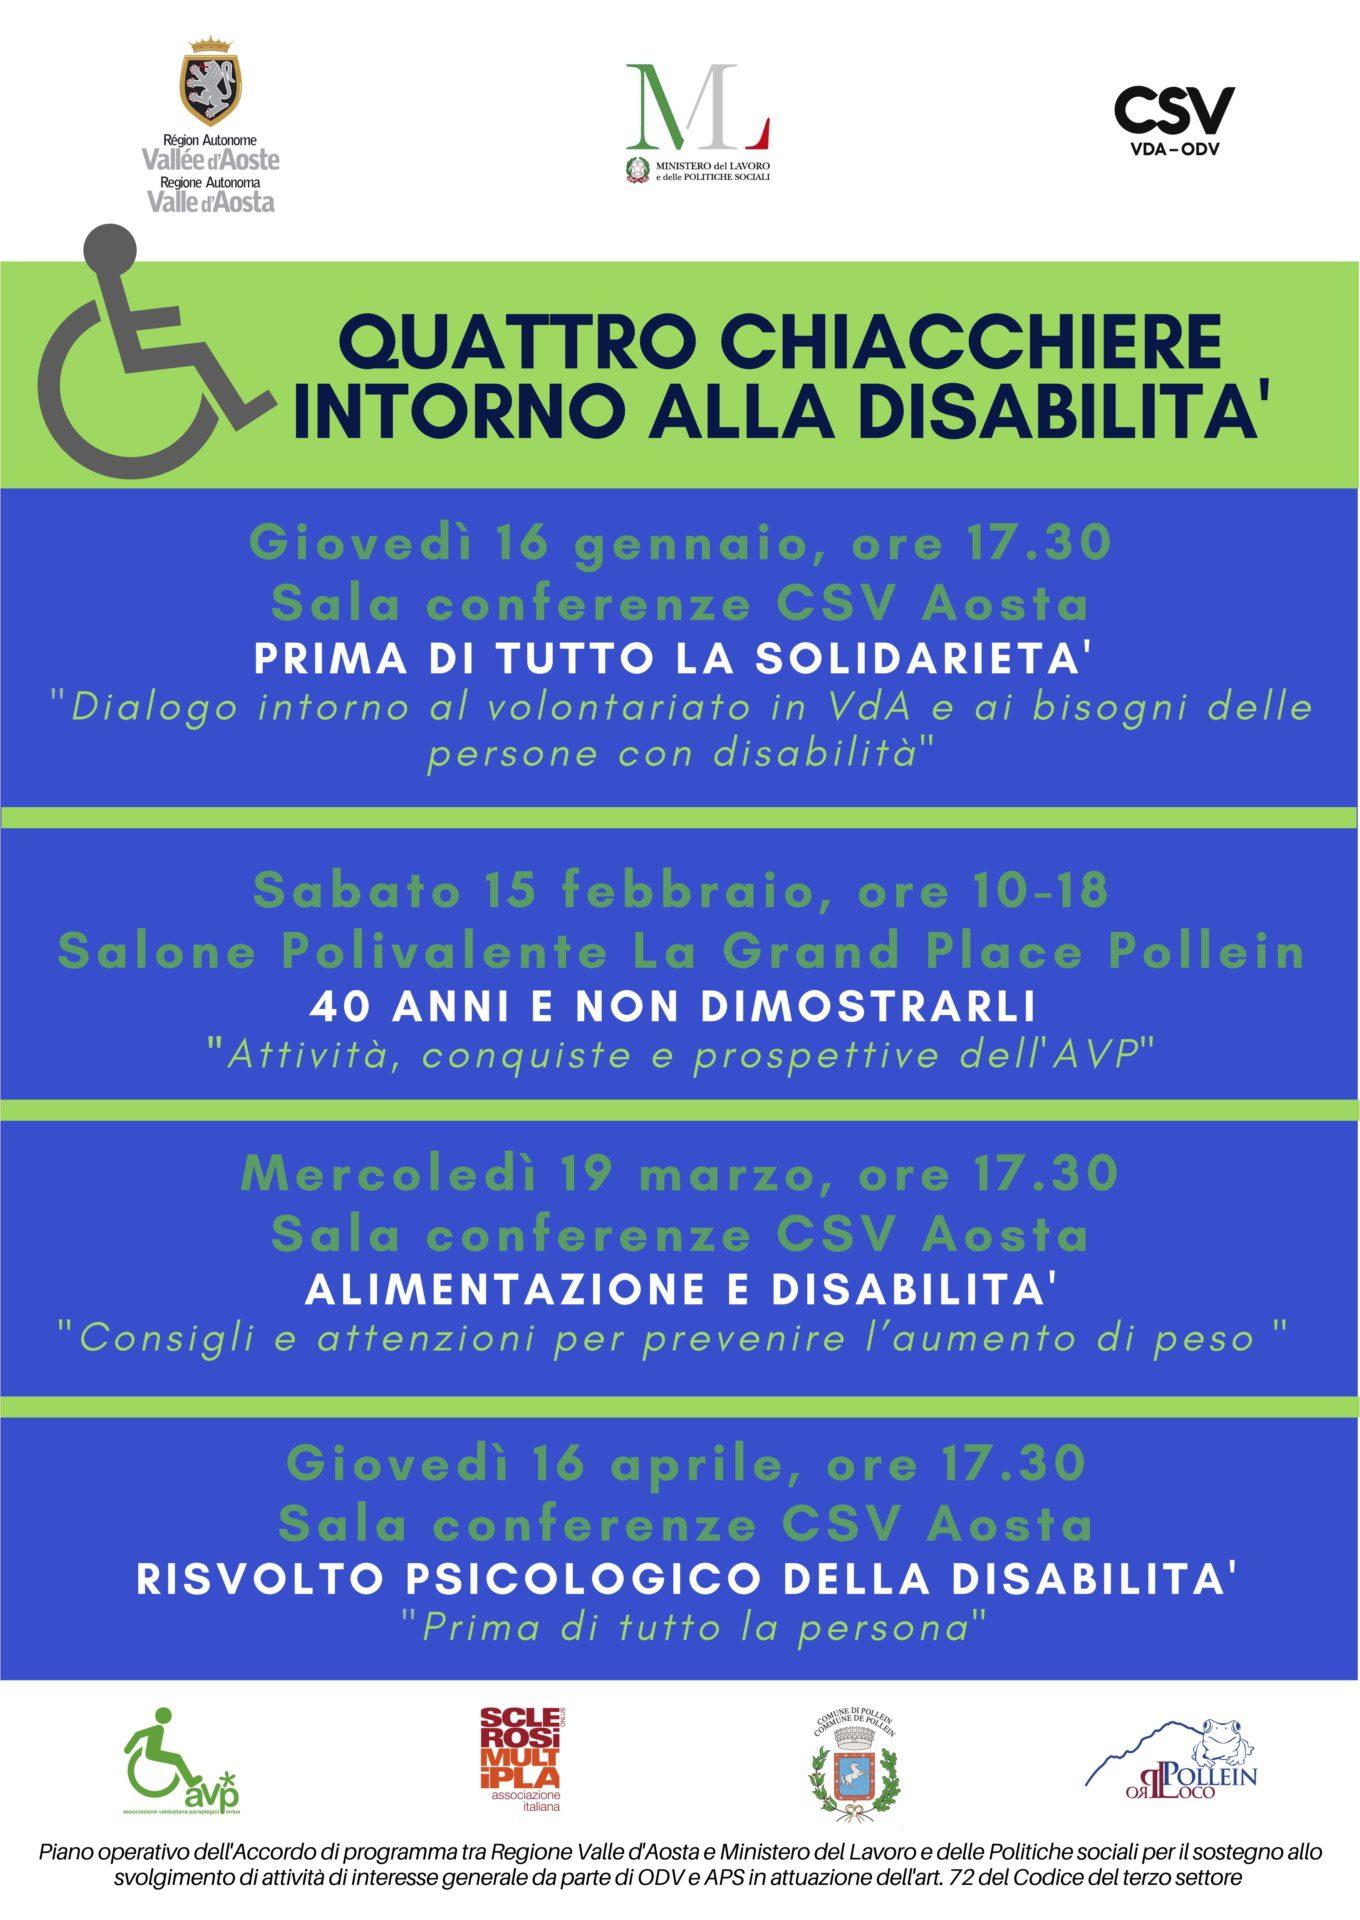 Quattro chiacchiere intorno alla disabilità